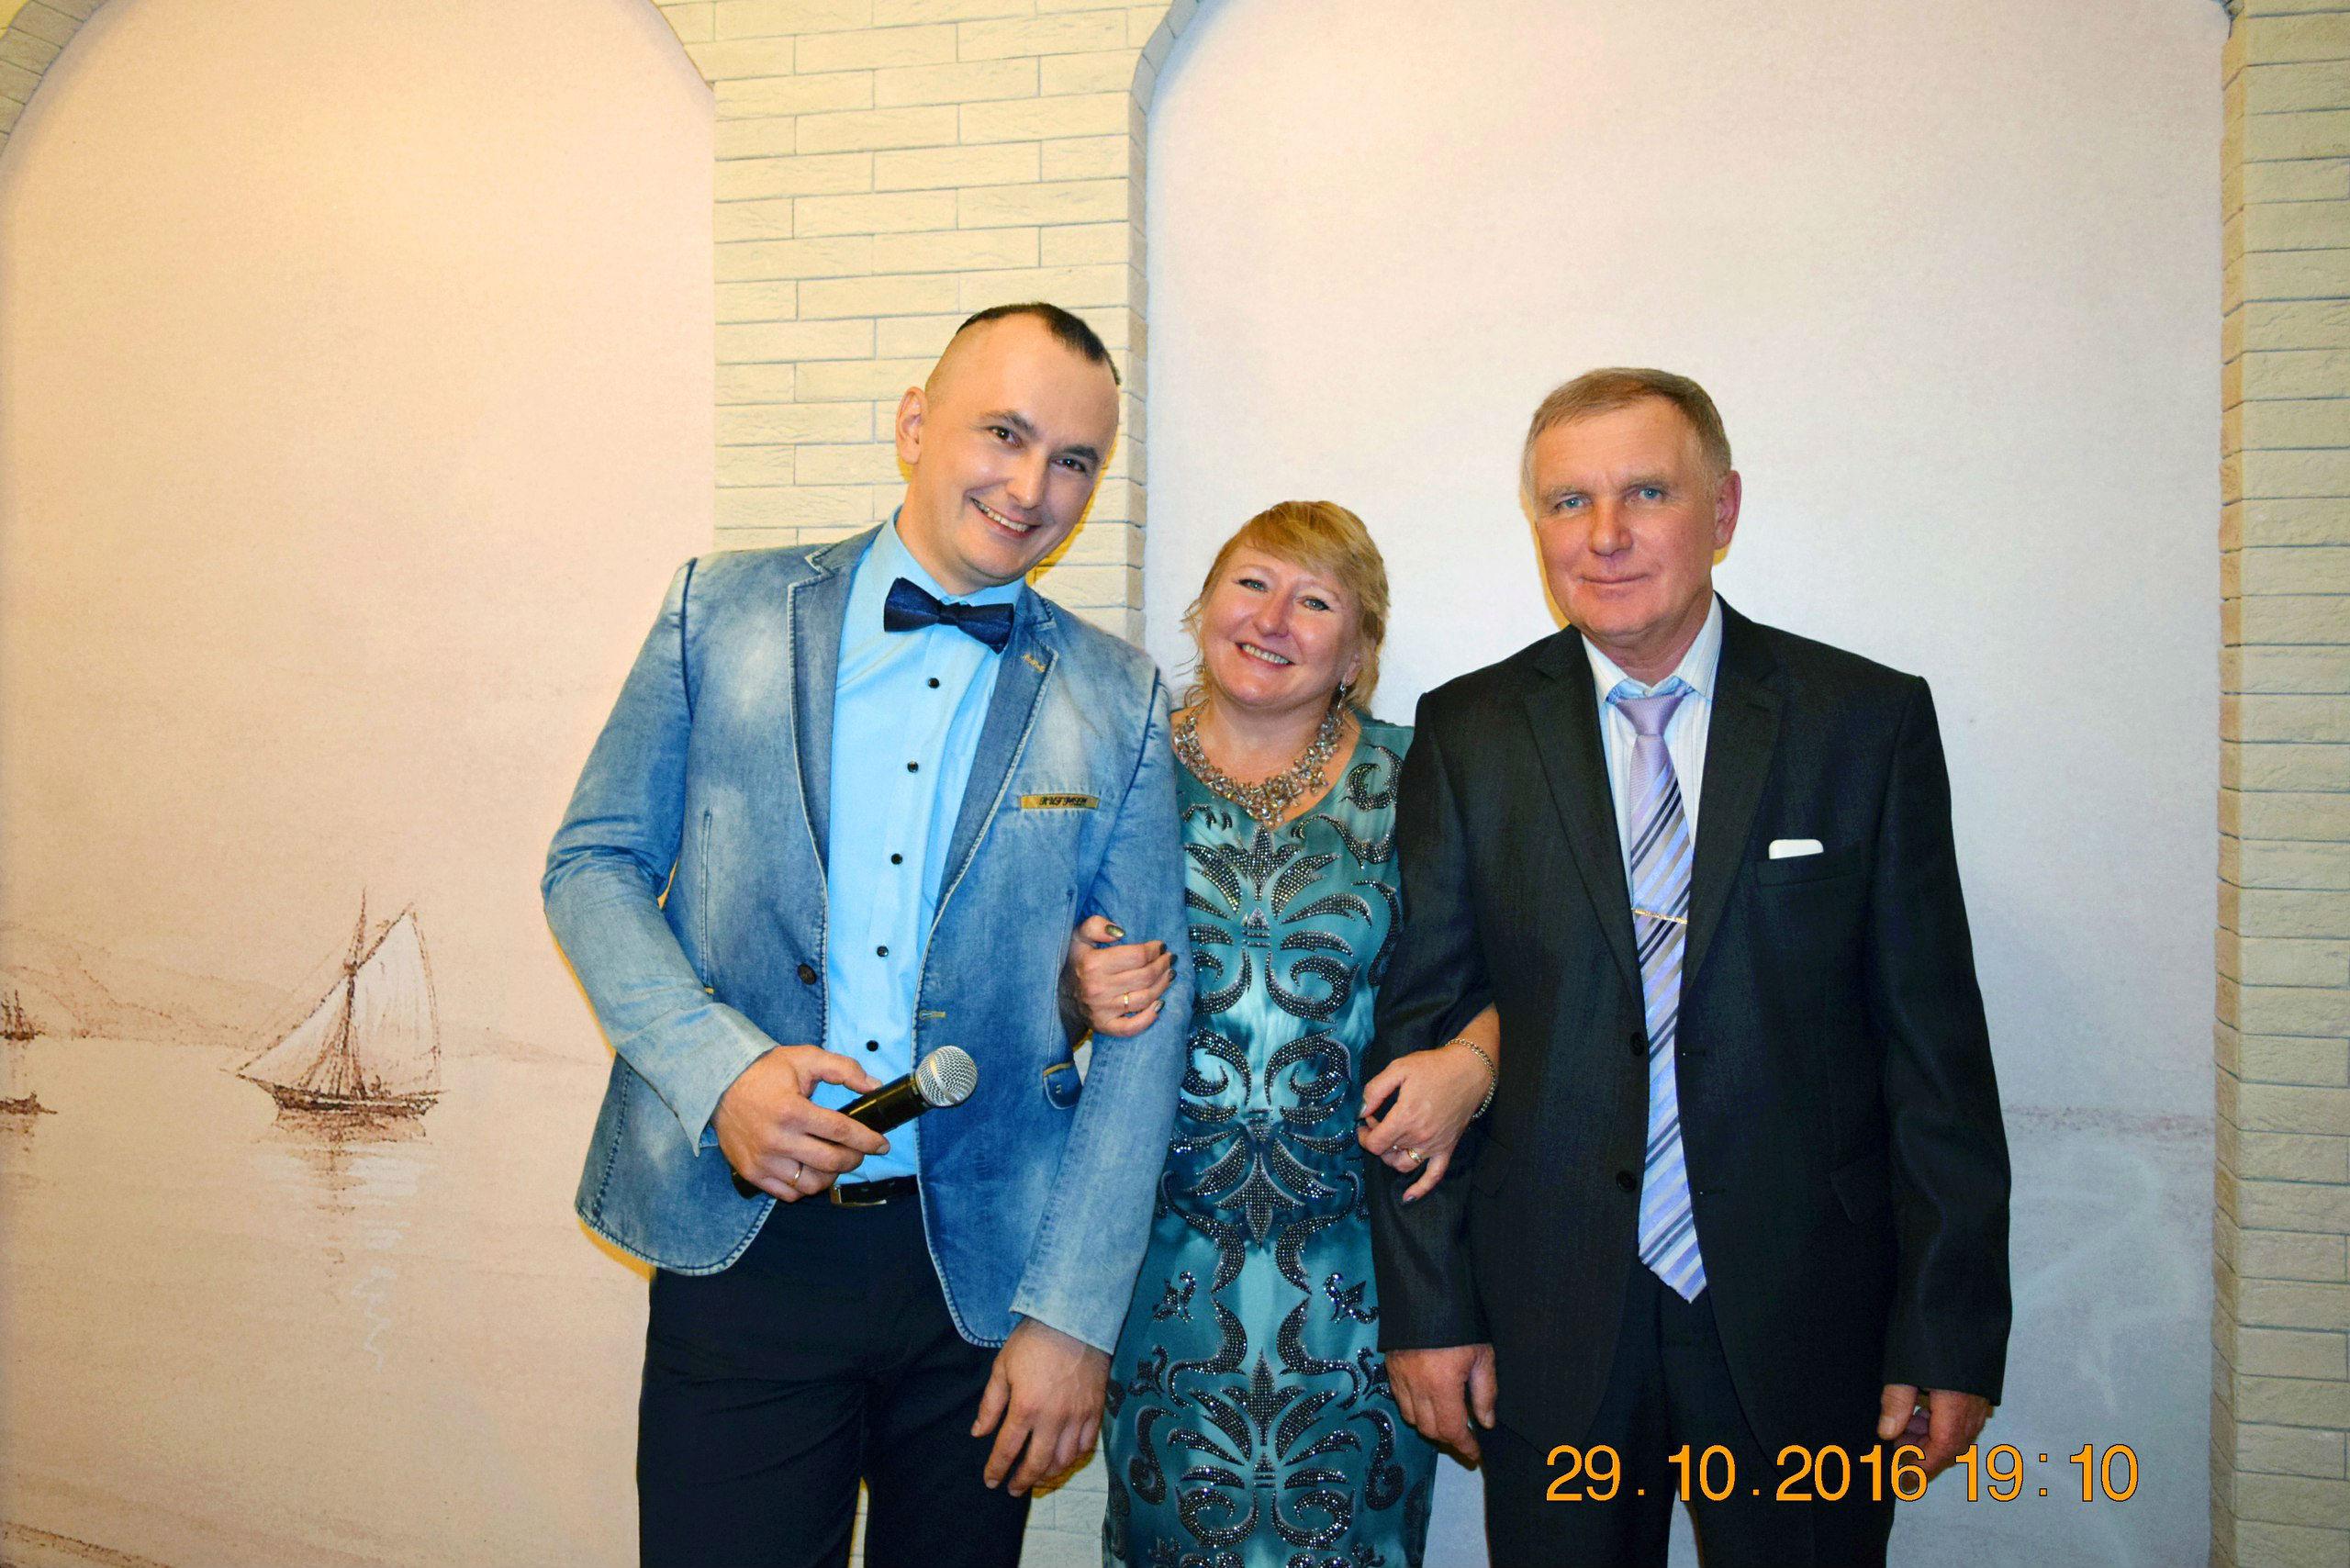 Волгоград. День рождения Сергея